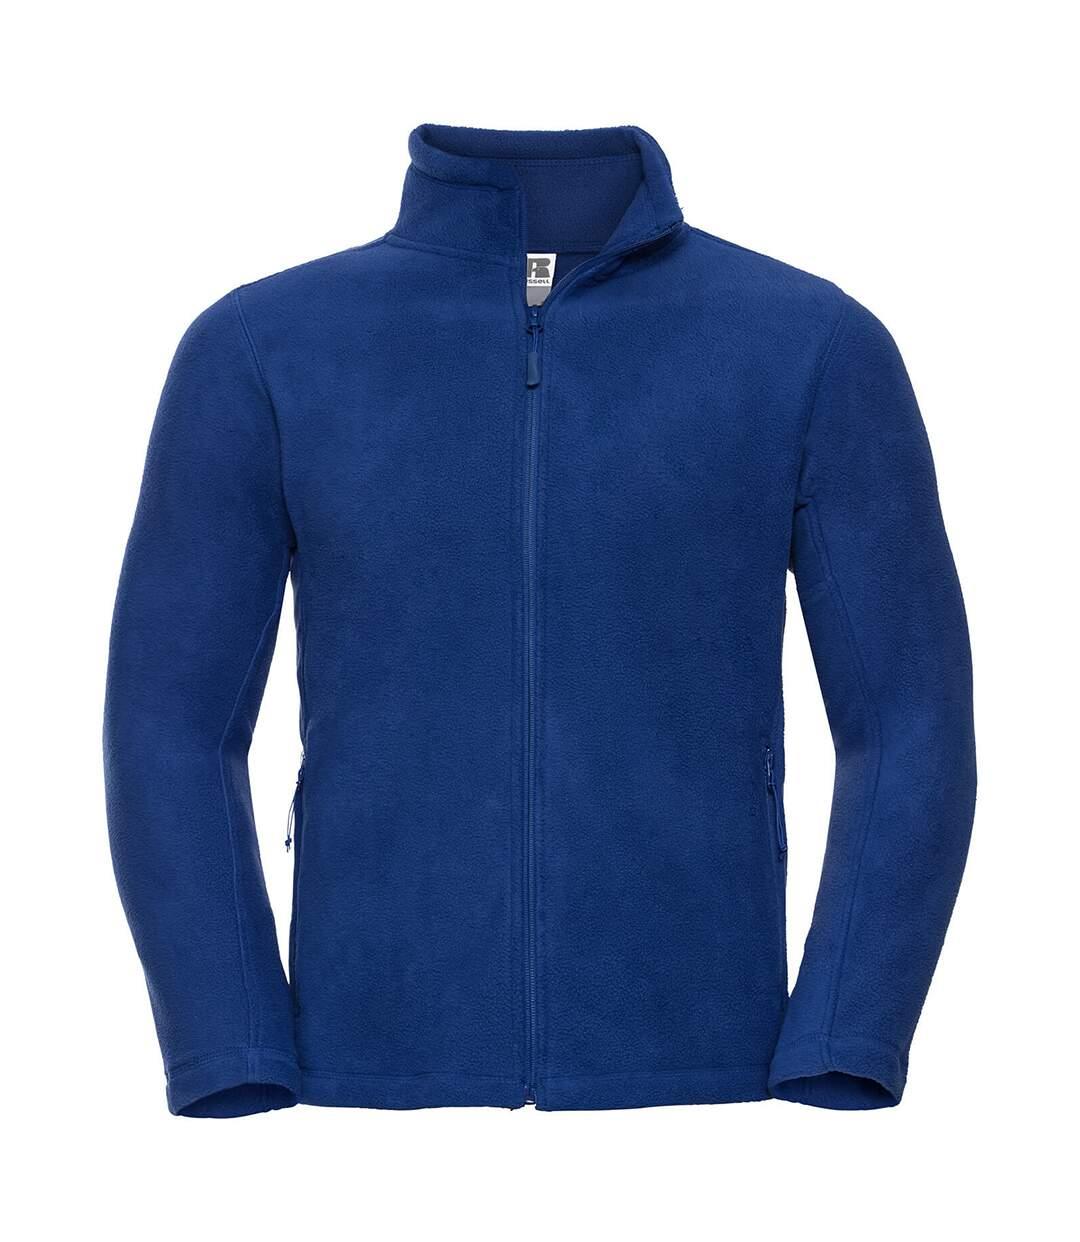 Russell Mens Full Zip Outdoor Fleece Jacket (Bright Royal) - UTBC575